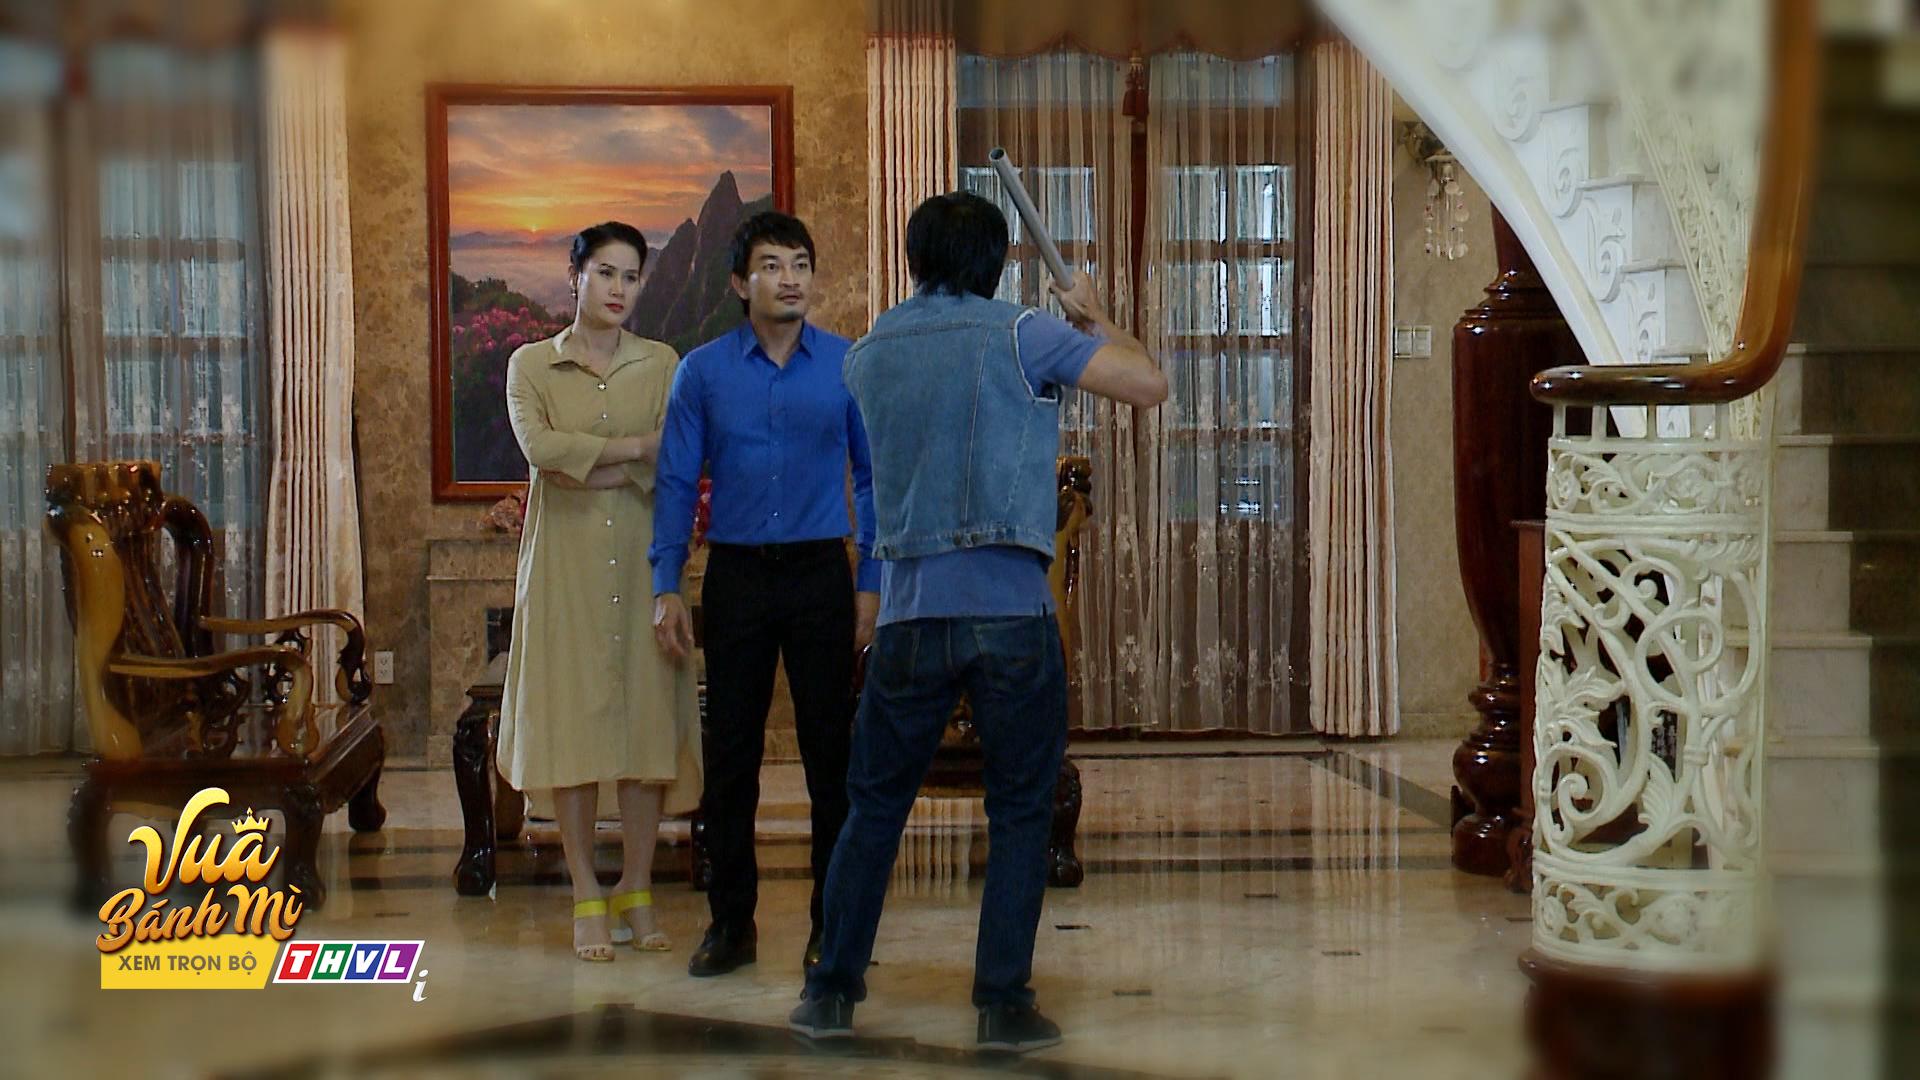 'Vua bánh mì' tập 26: 'Không ai cho lương thiện', Hữu Nguyệnleo rào đột nhập nhà bà Khuê để trả thù 6